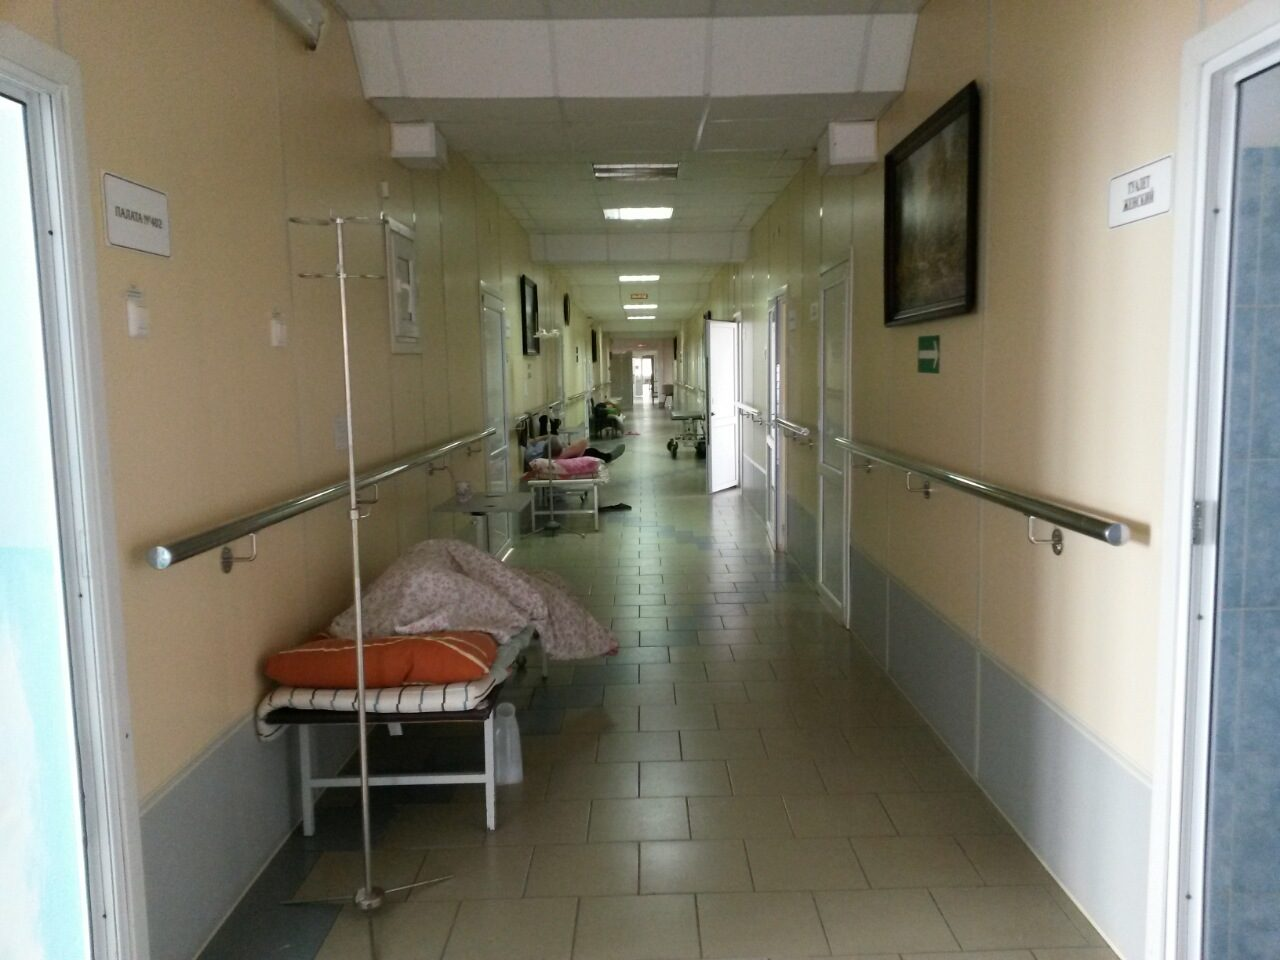 «Теперь — врачи на улицу, а люди — без помощи»: Депутат — о сокращении финансирования больниц